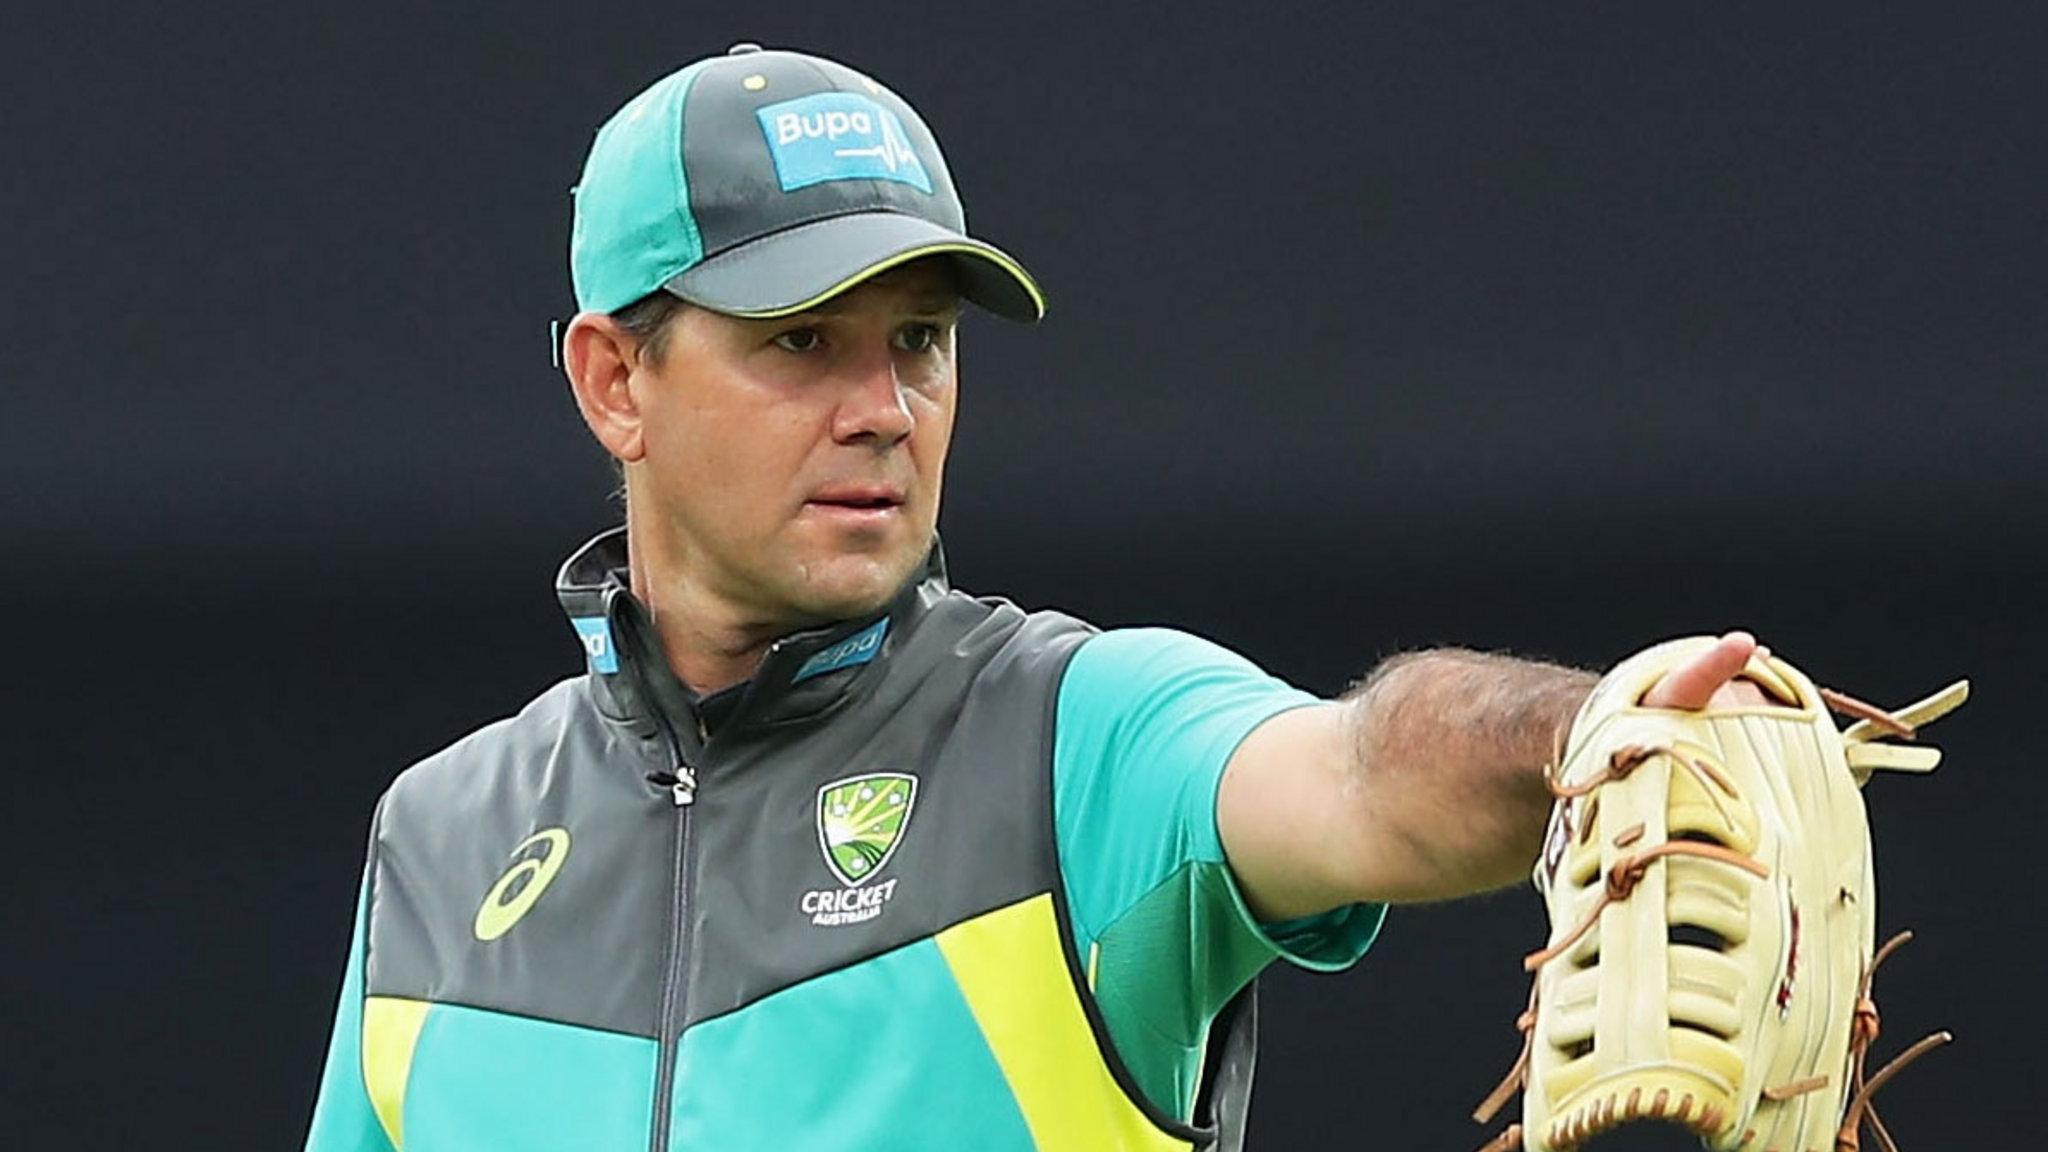 रिकी पोंटिंग भी ऑस्ट्रेलिया टीम के साथ जायेंगे इंग्लैंड दौरे पर